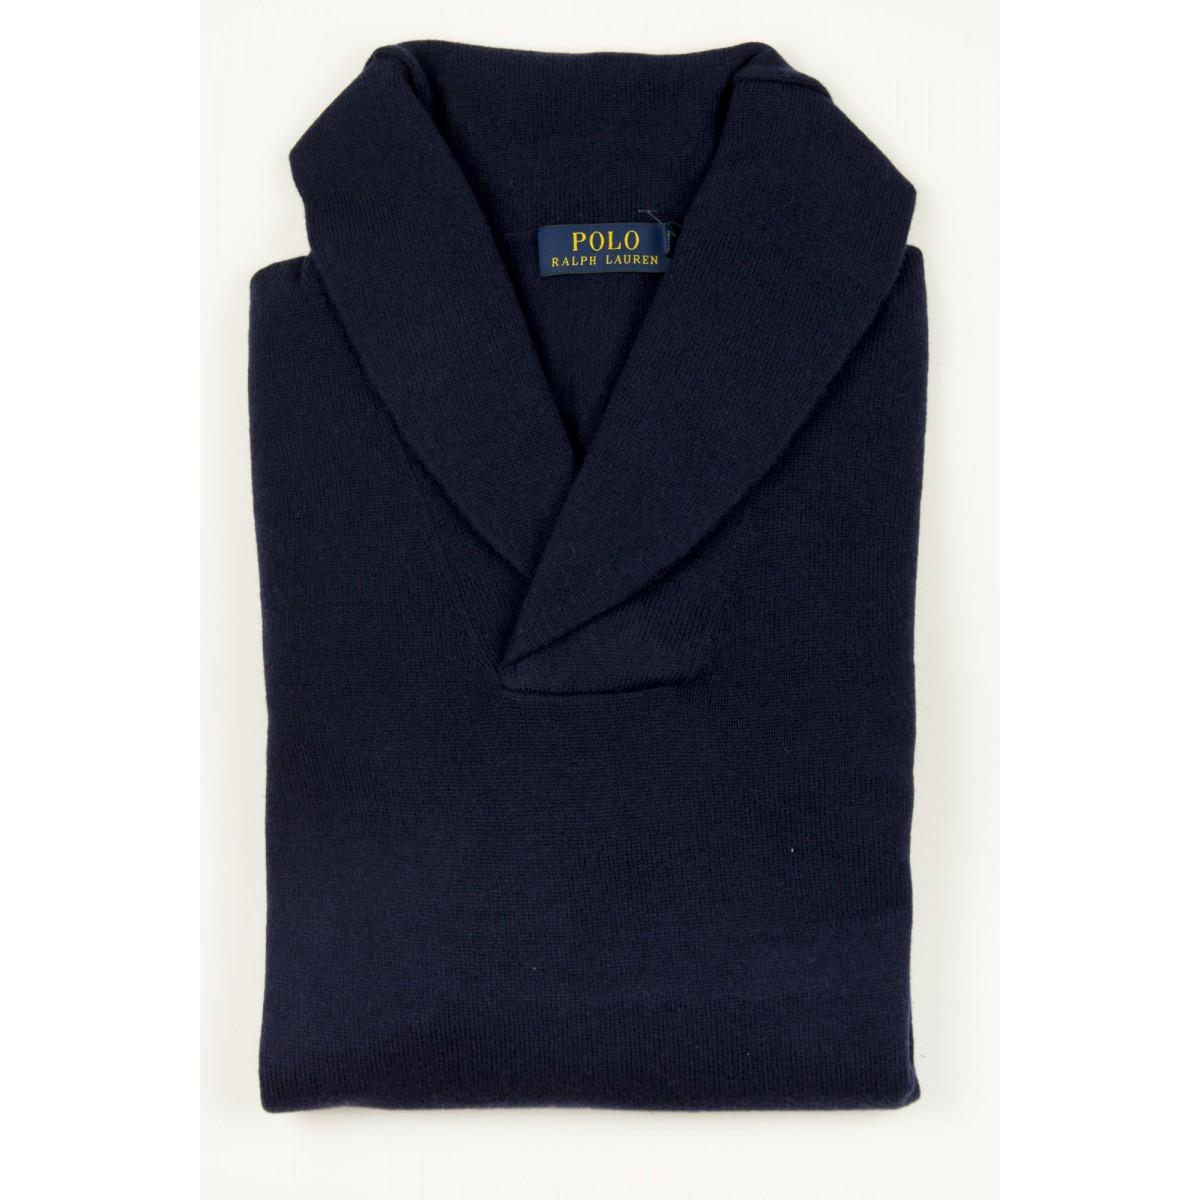 Sweaters Polo Ralph Lauren - A42Sfd20W4856 B4501 - blu